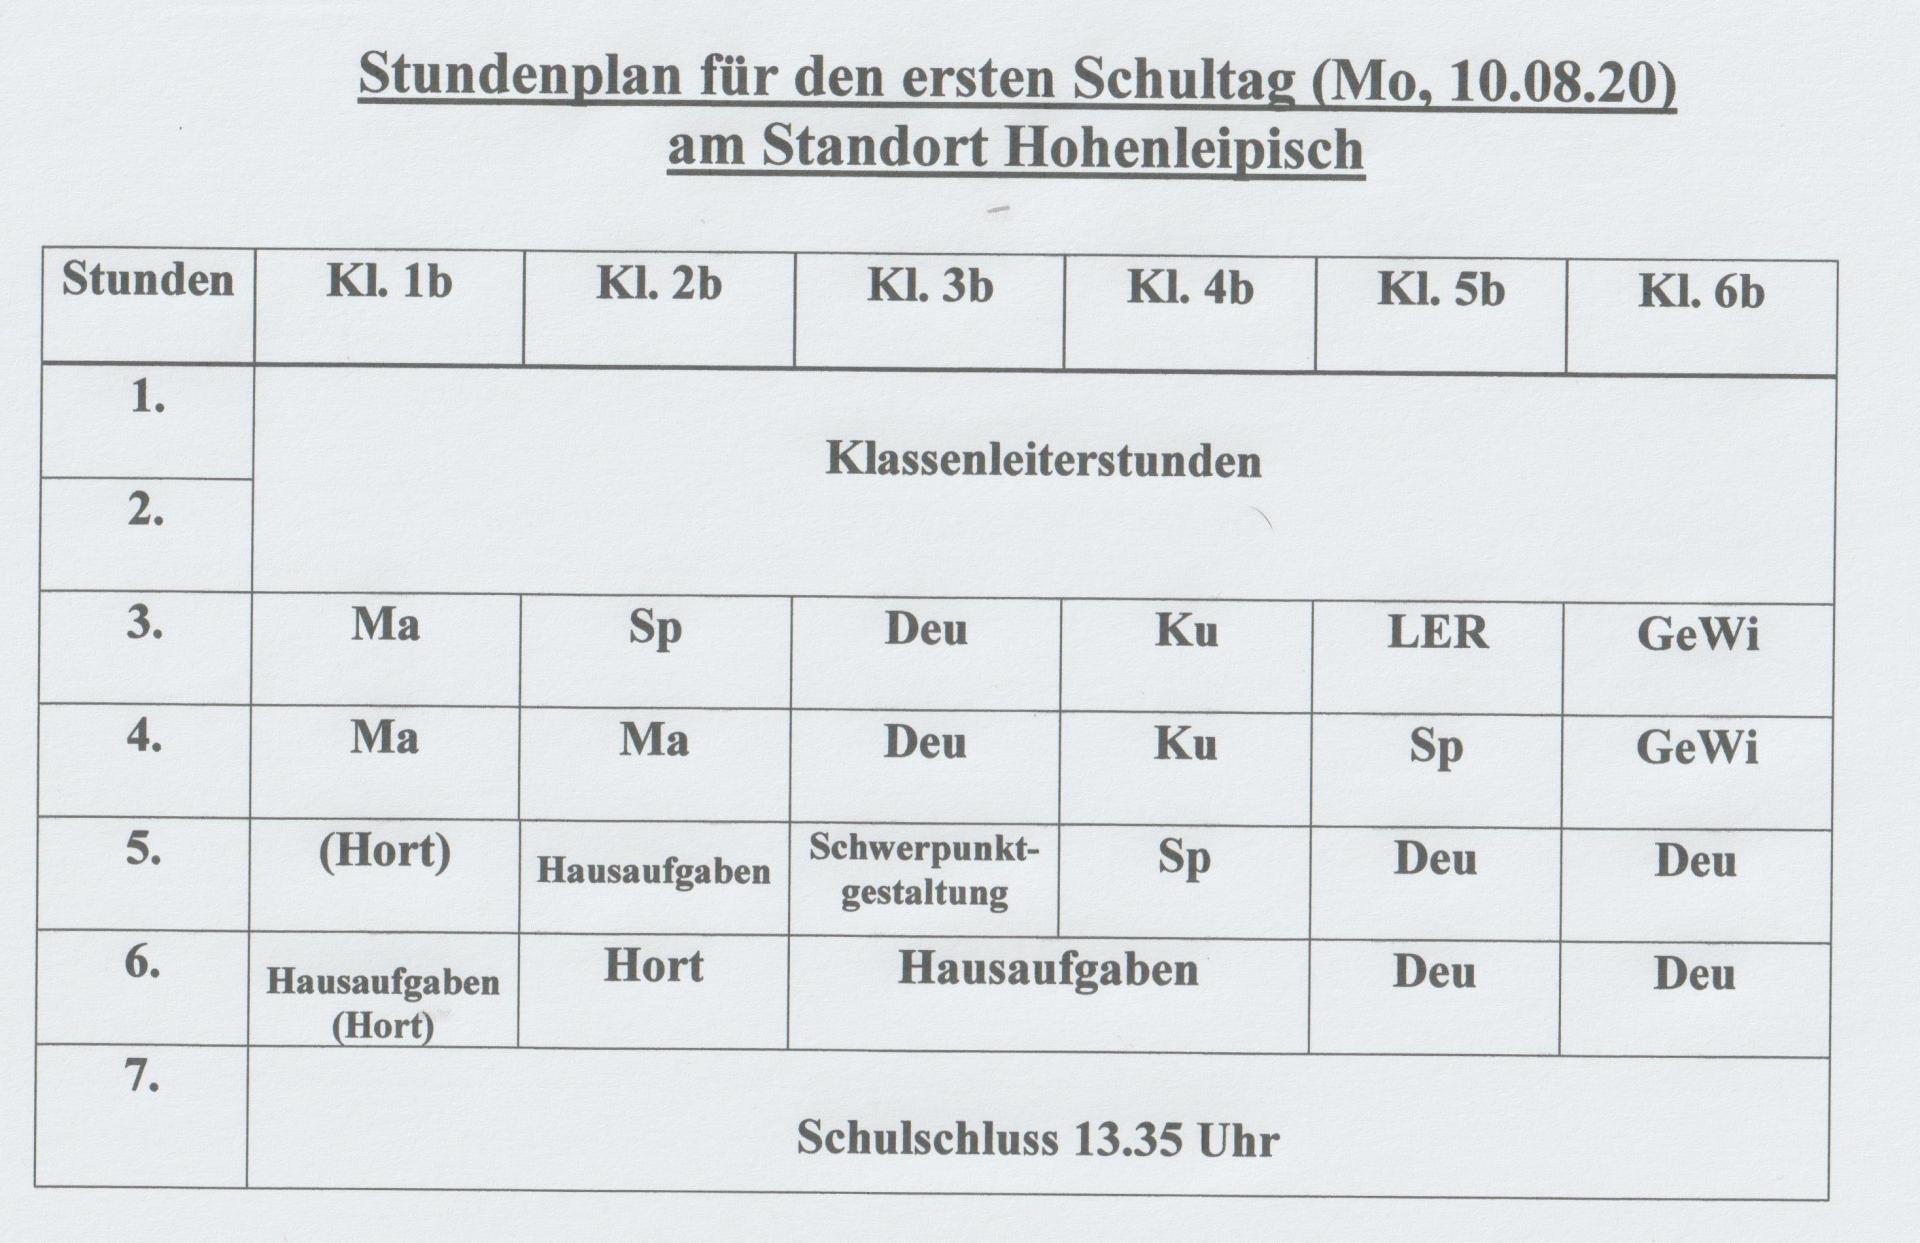 Stundenplan Hohenleipisch